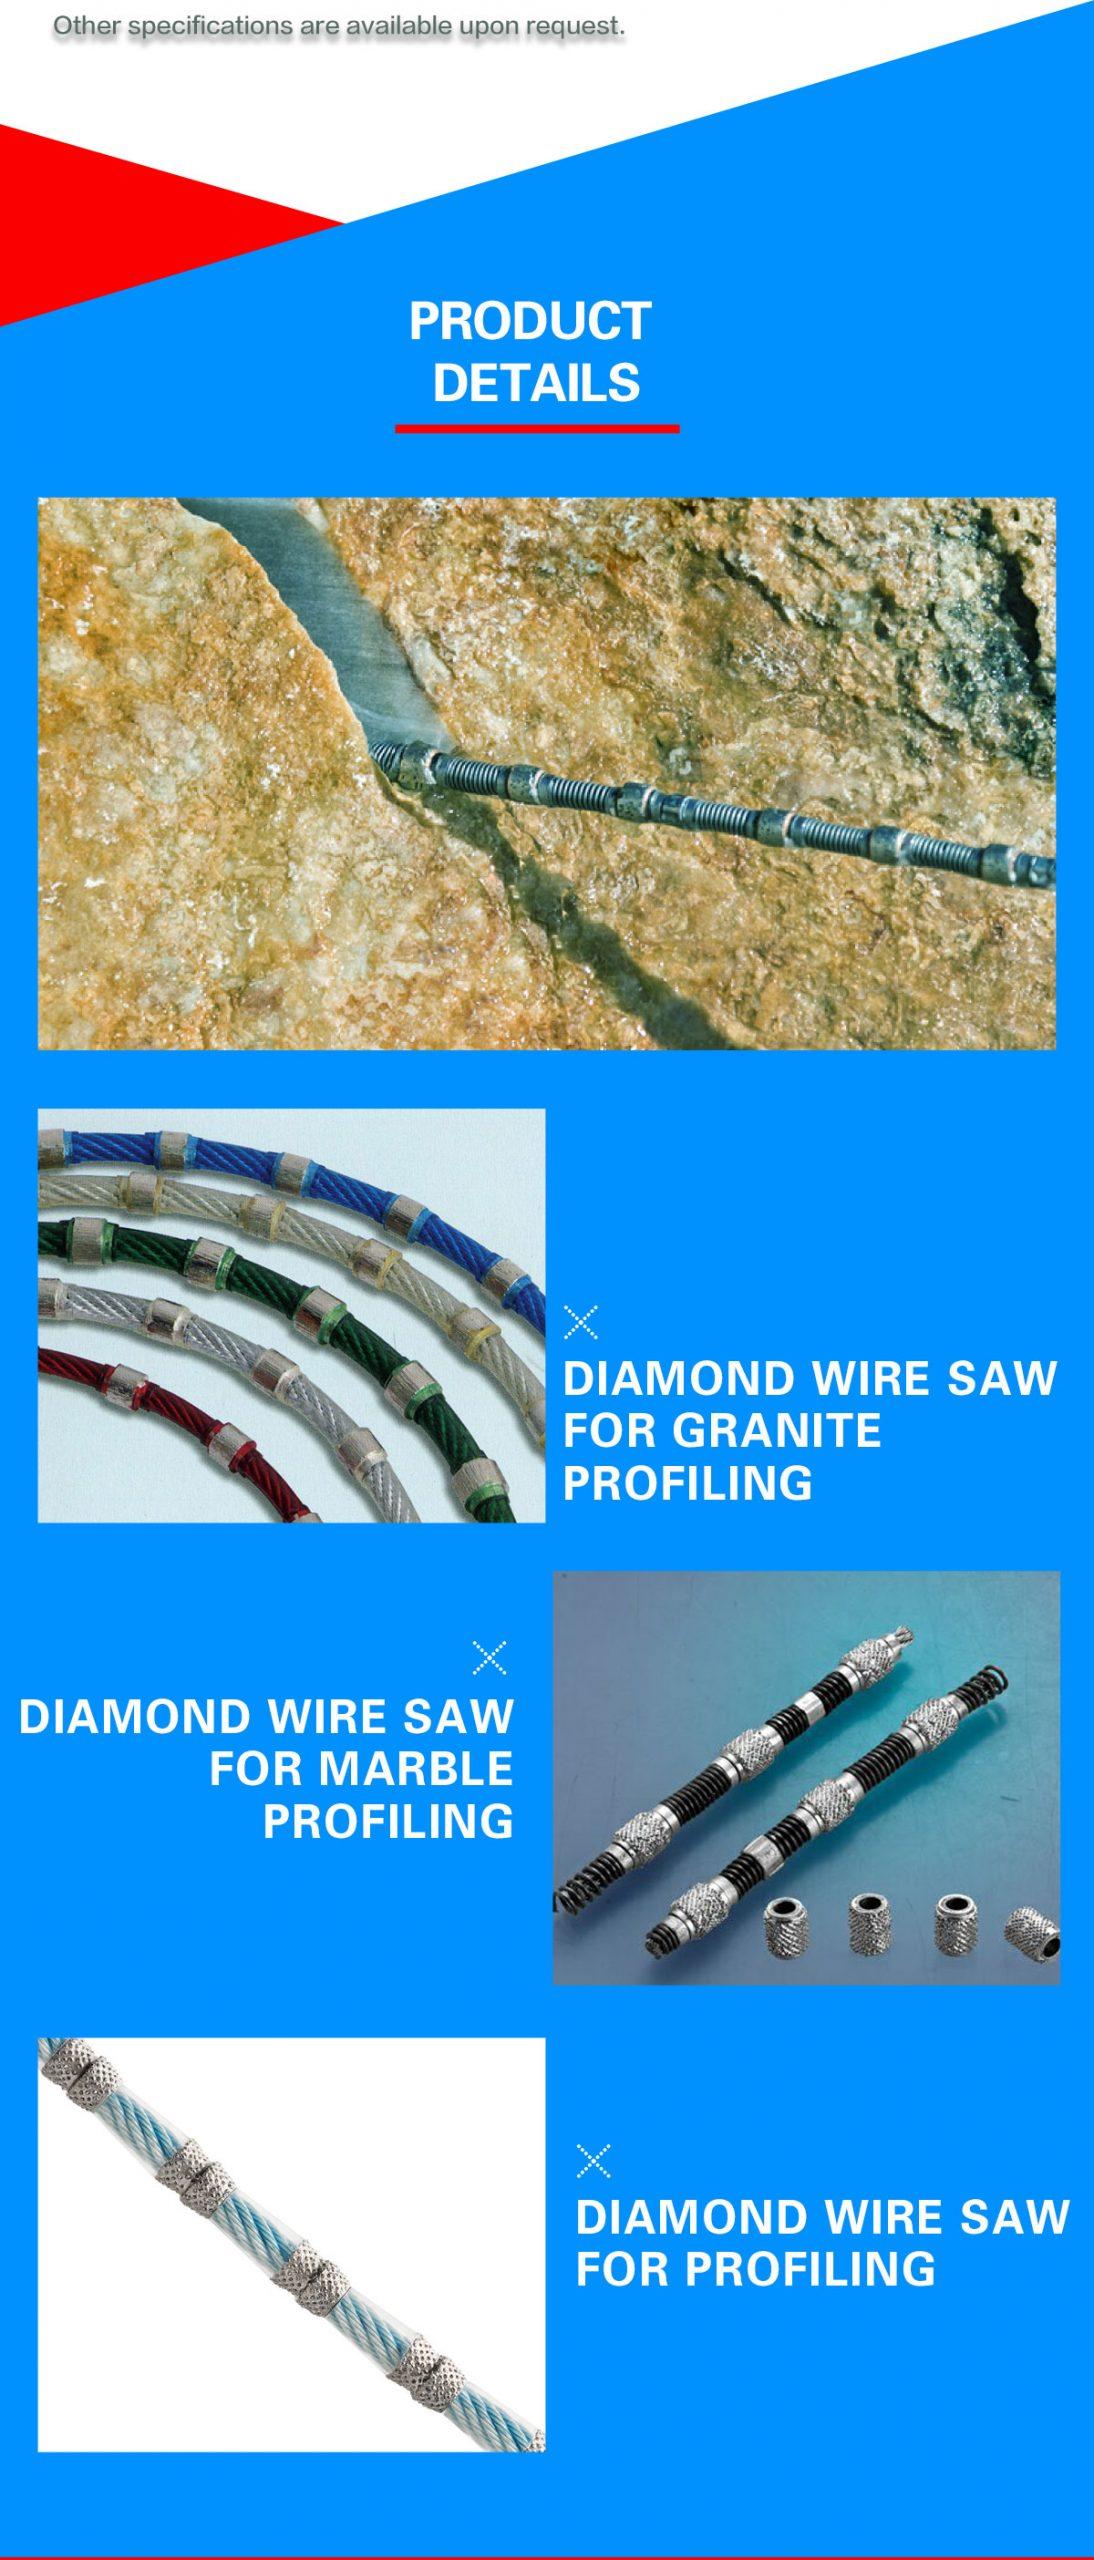 Sintered diamond wrie saw, vacuum brazed diamond wire saw for profiling